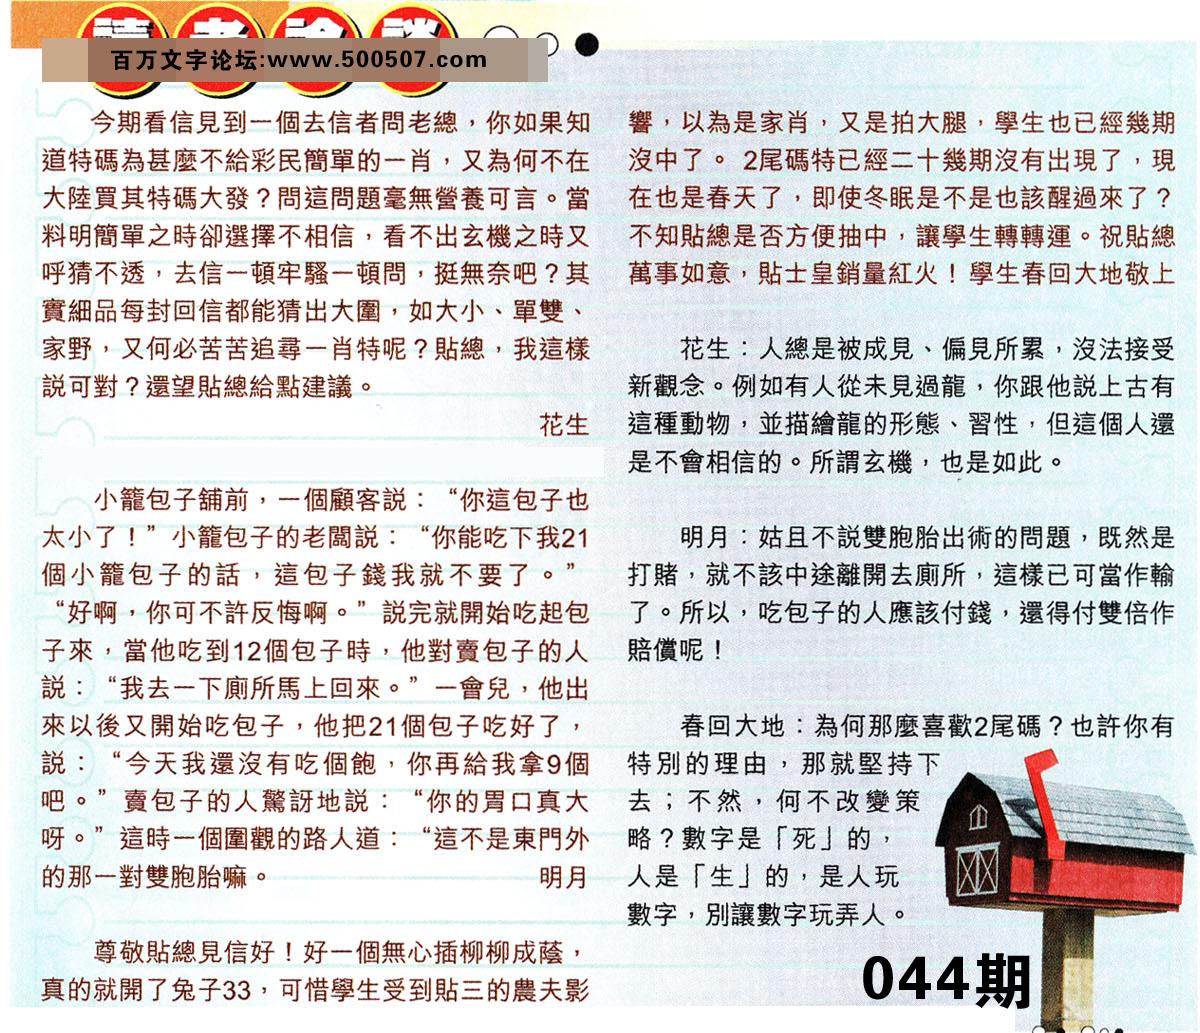 044期:彩民推荐貼信讀者論壇